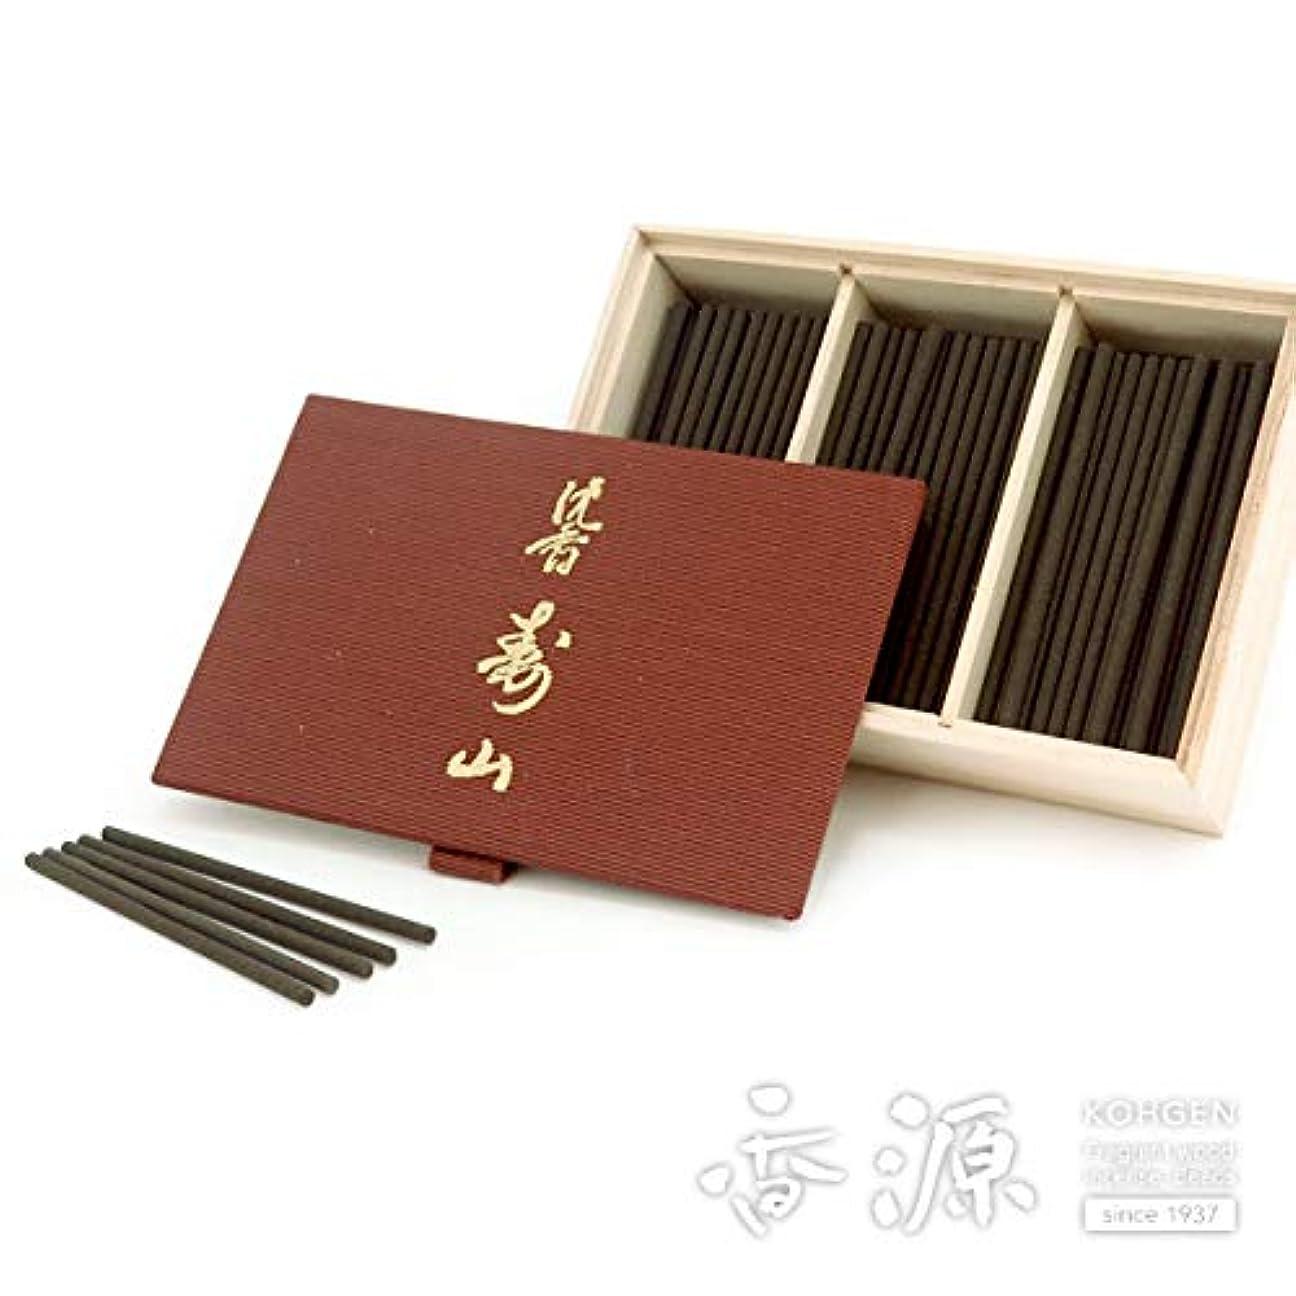 ベイビーファイアル論理的に日本香堂のお香 沈香寿山 スティックミニ寸 お徳用150本入